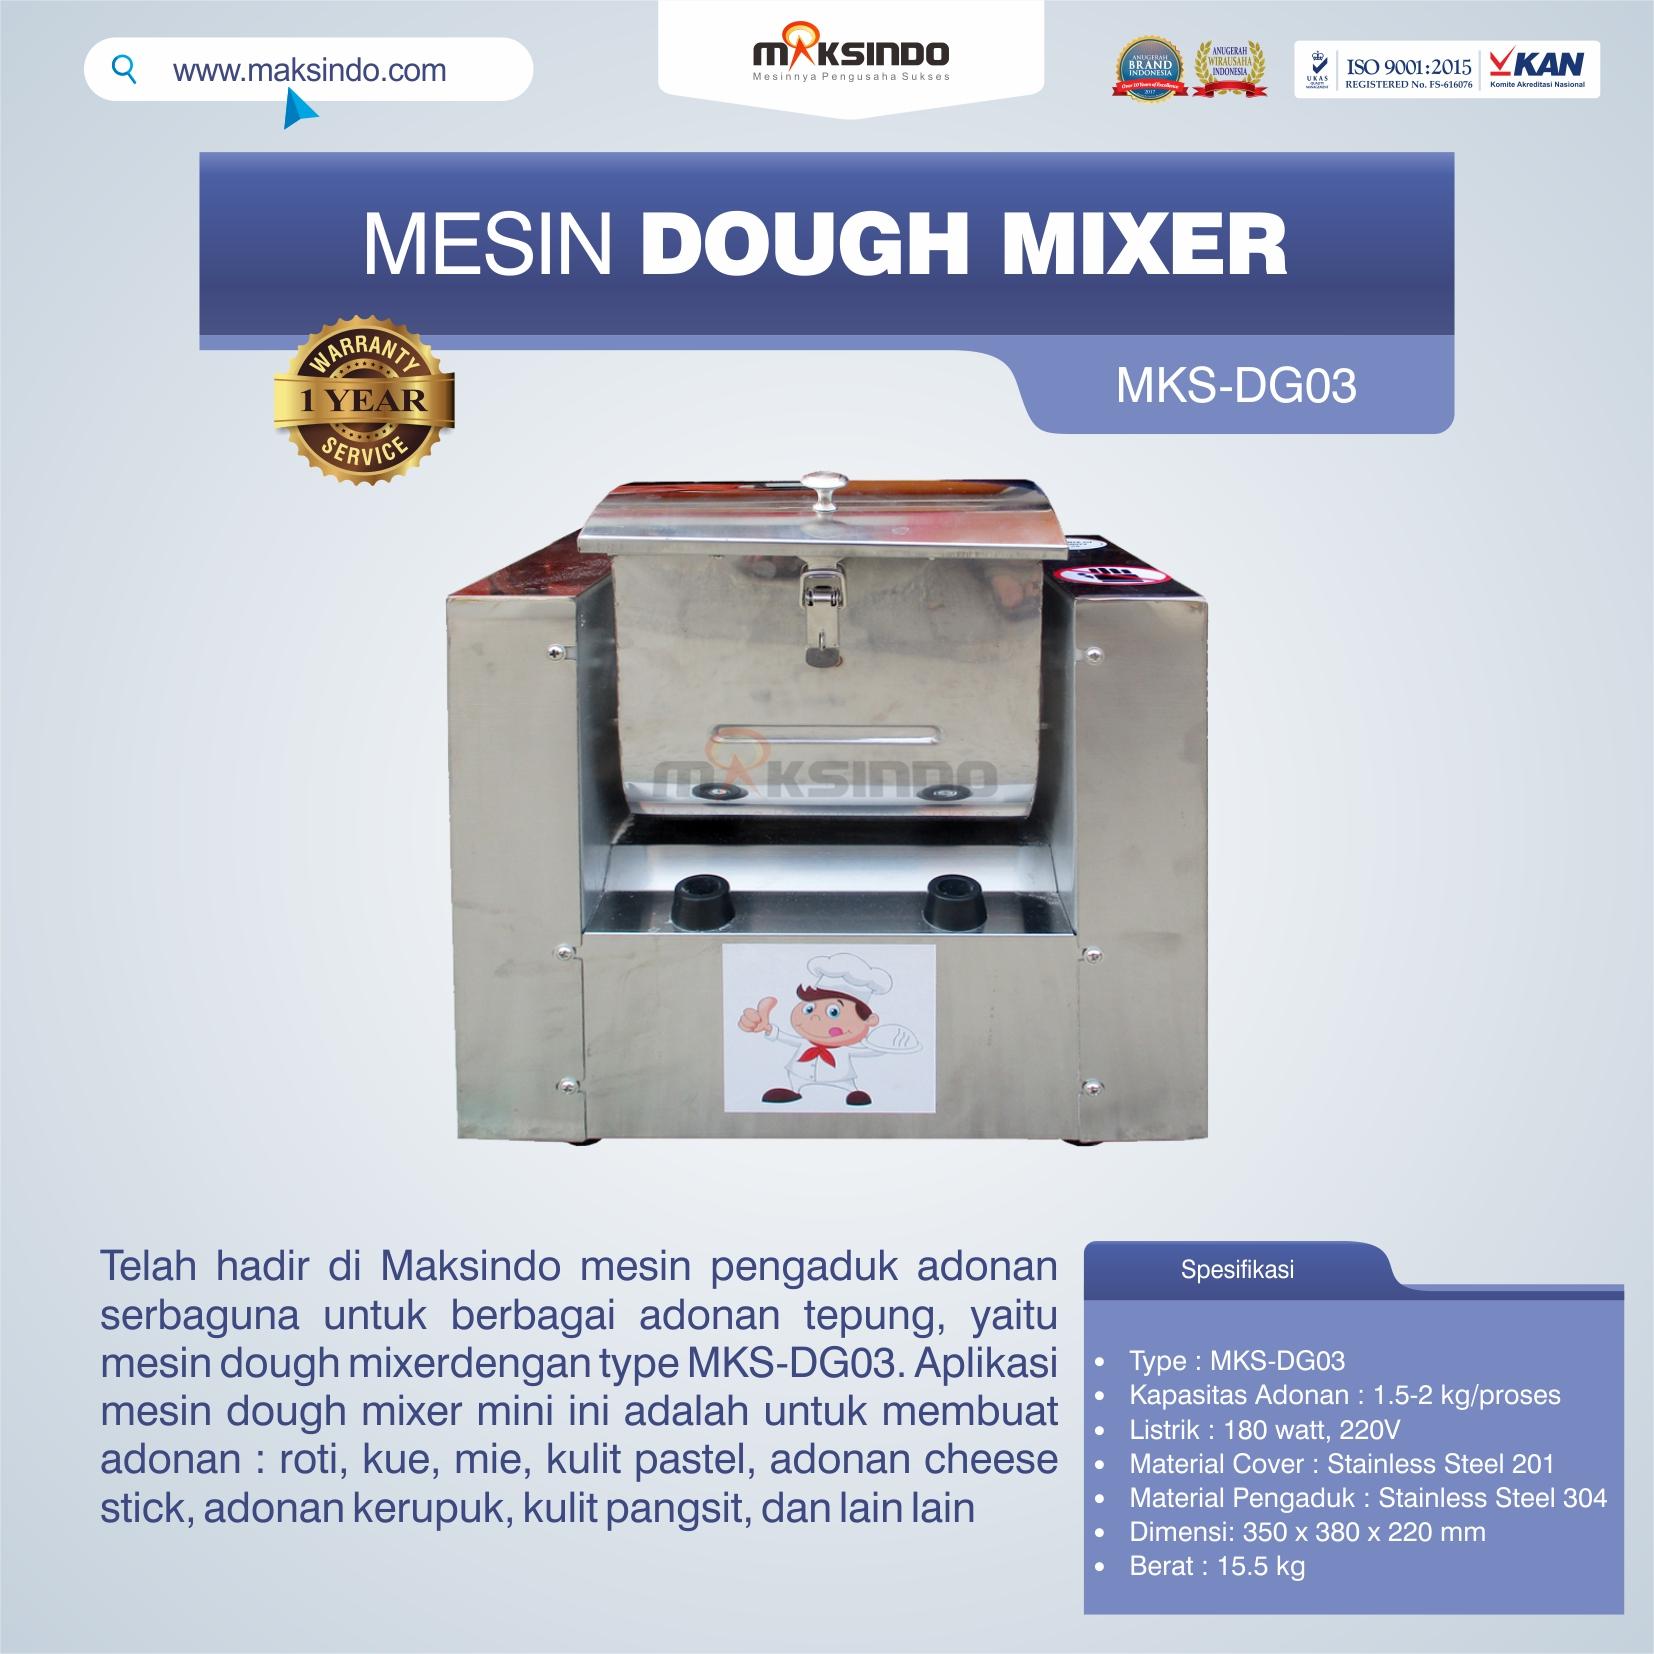 Jual Mesin Dough Mixer MKS-DG03 di Bogor